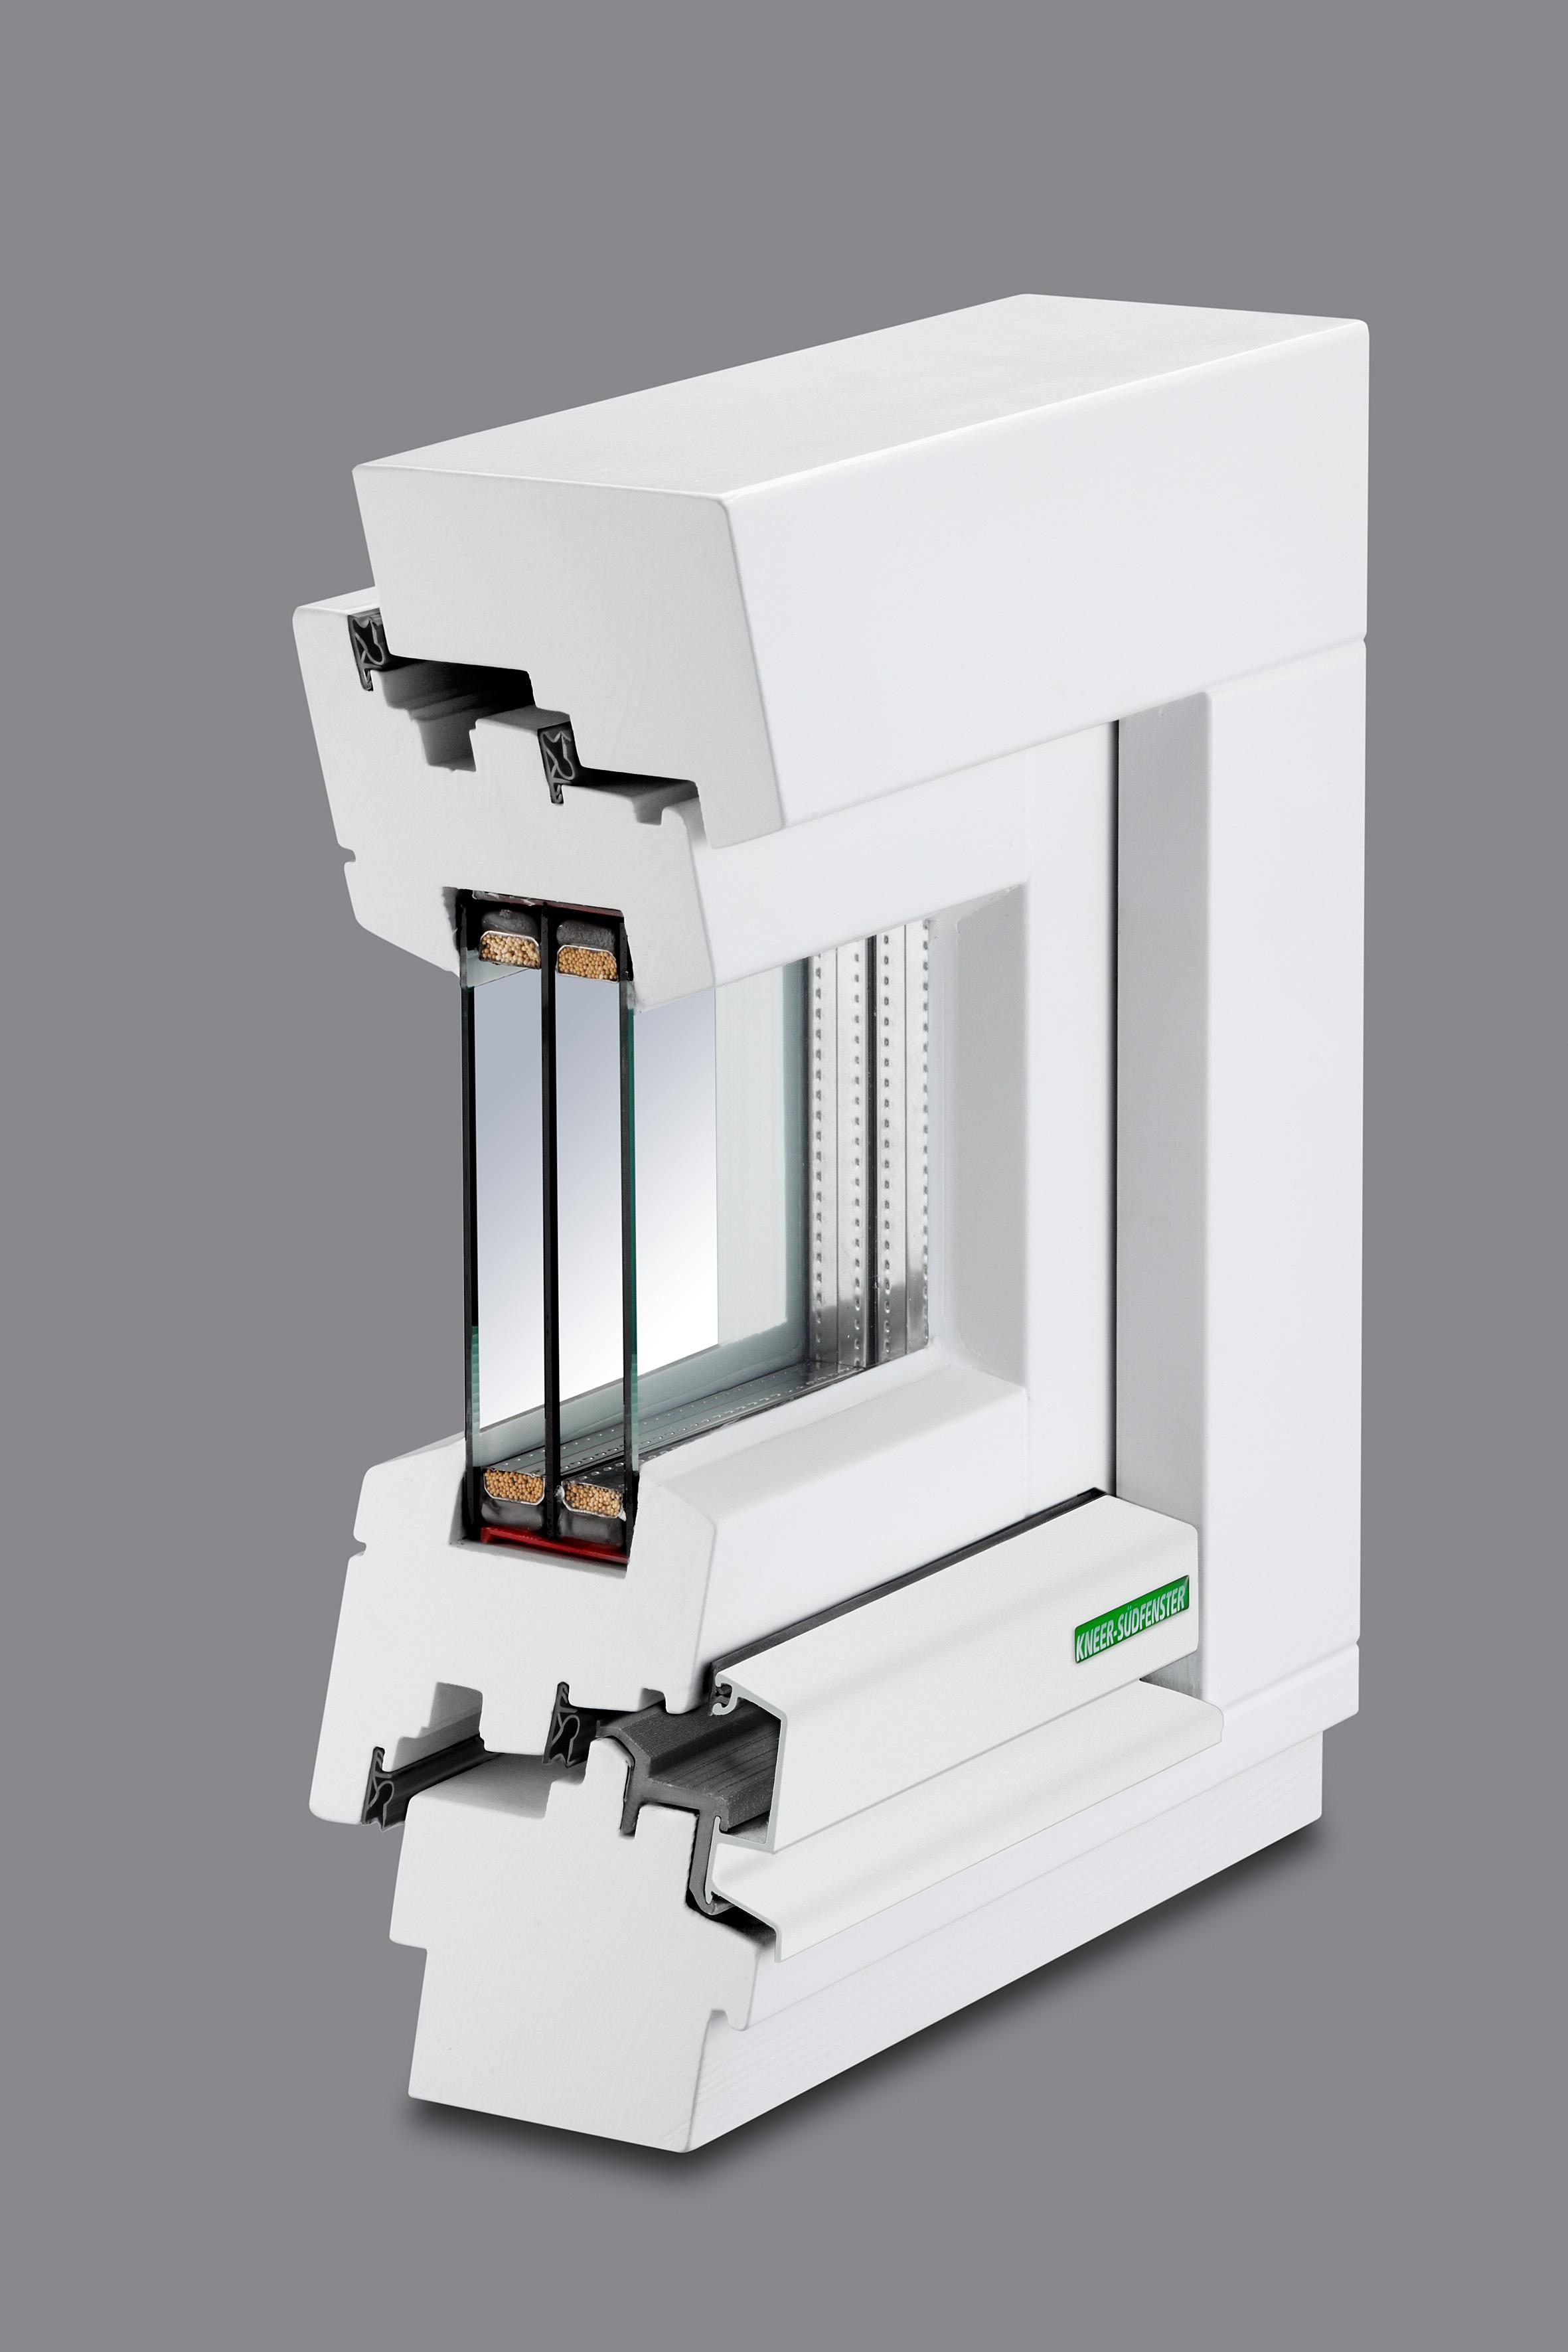 holzfenster mit optimalem schutz in edlem design kneer gmbh fenster und t ren pressemitteilung. Black Bedroom Furniture Sets. Home Design Ideas